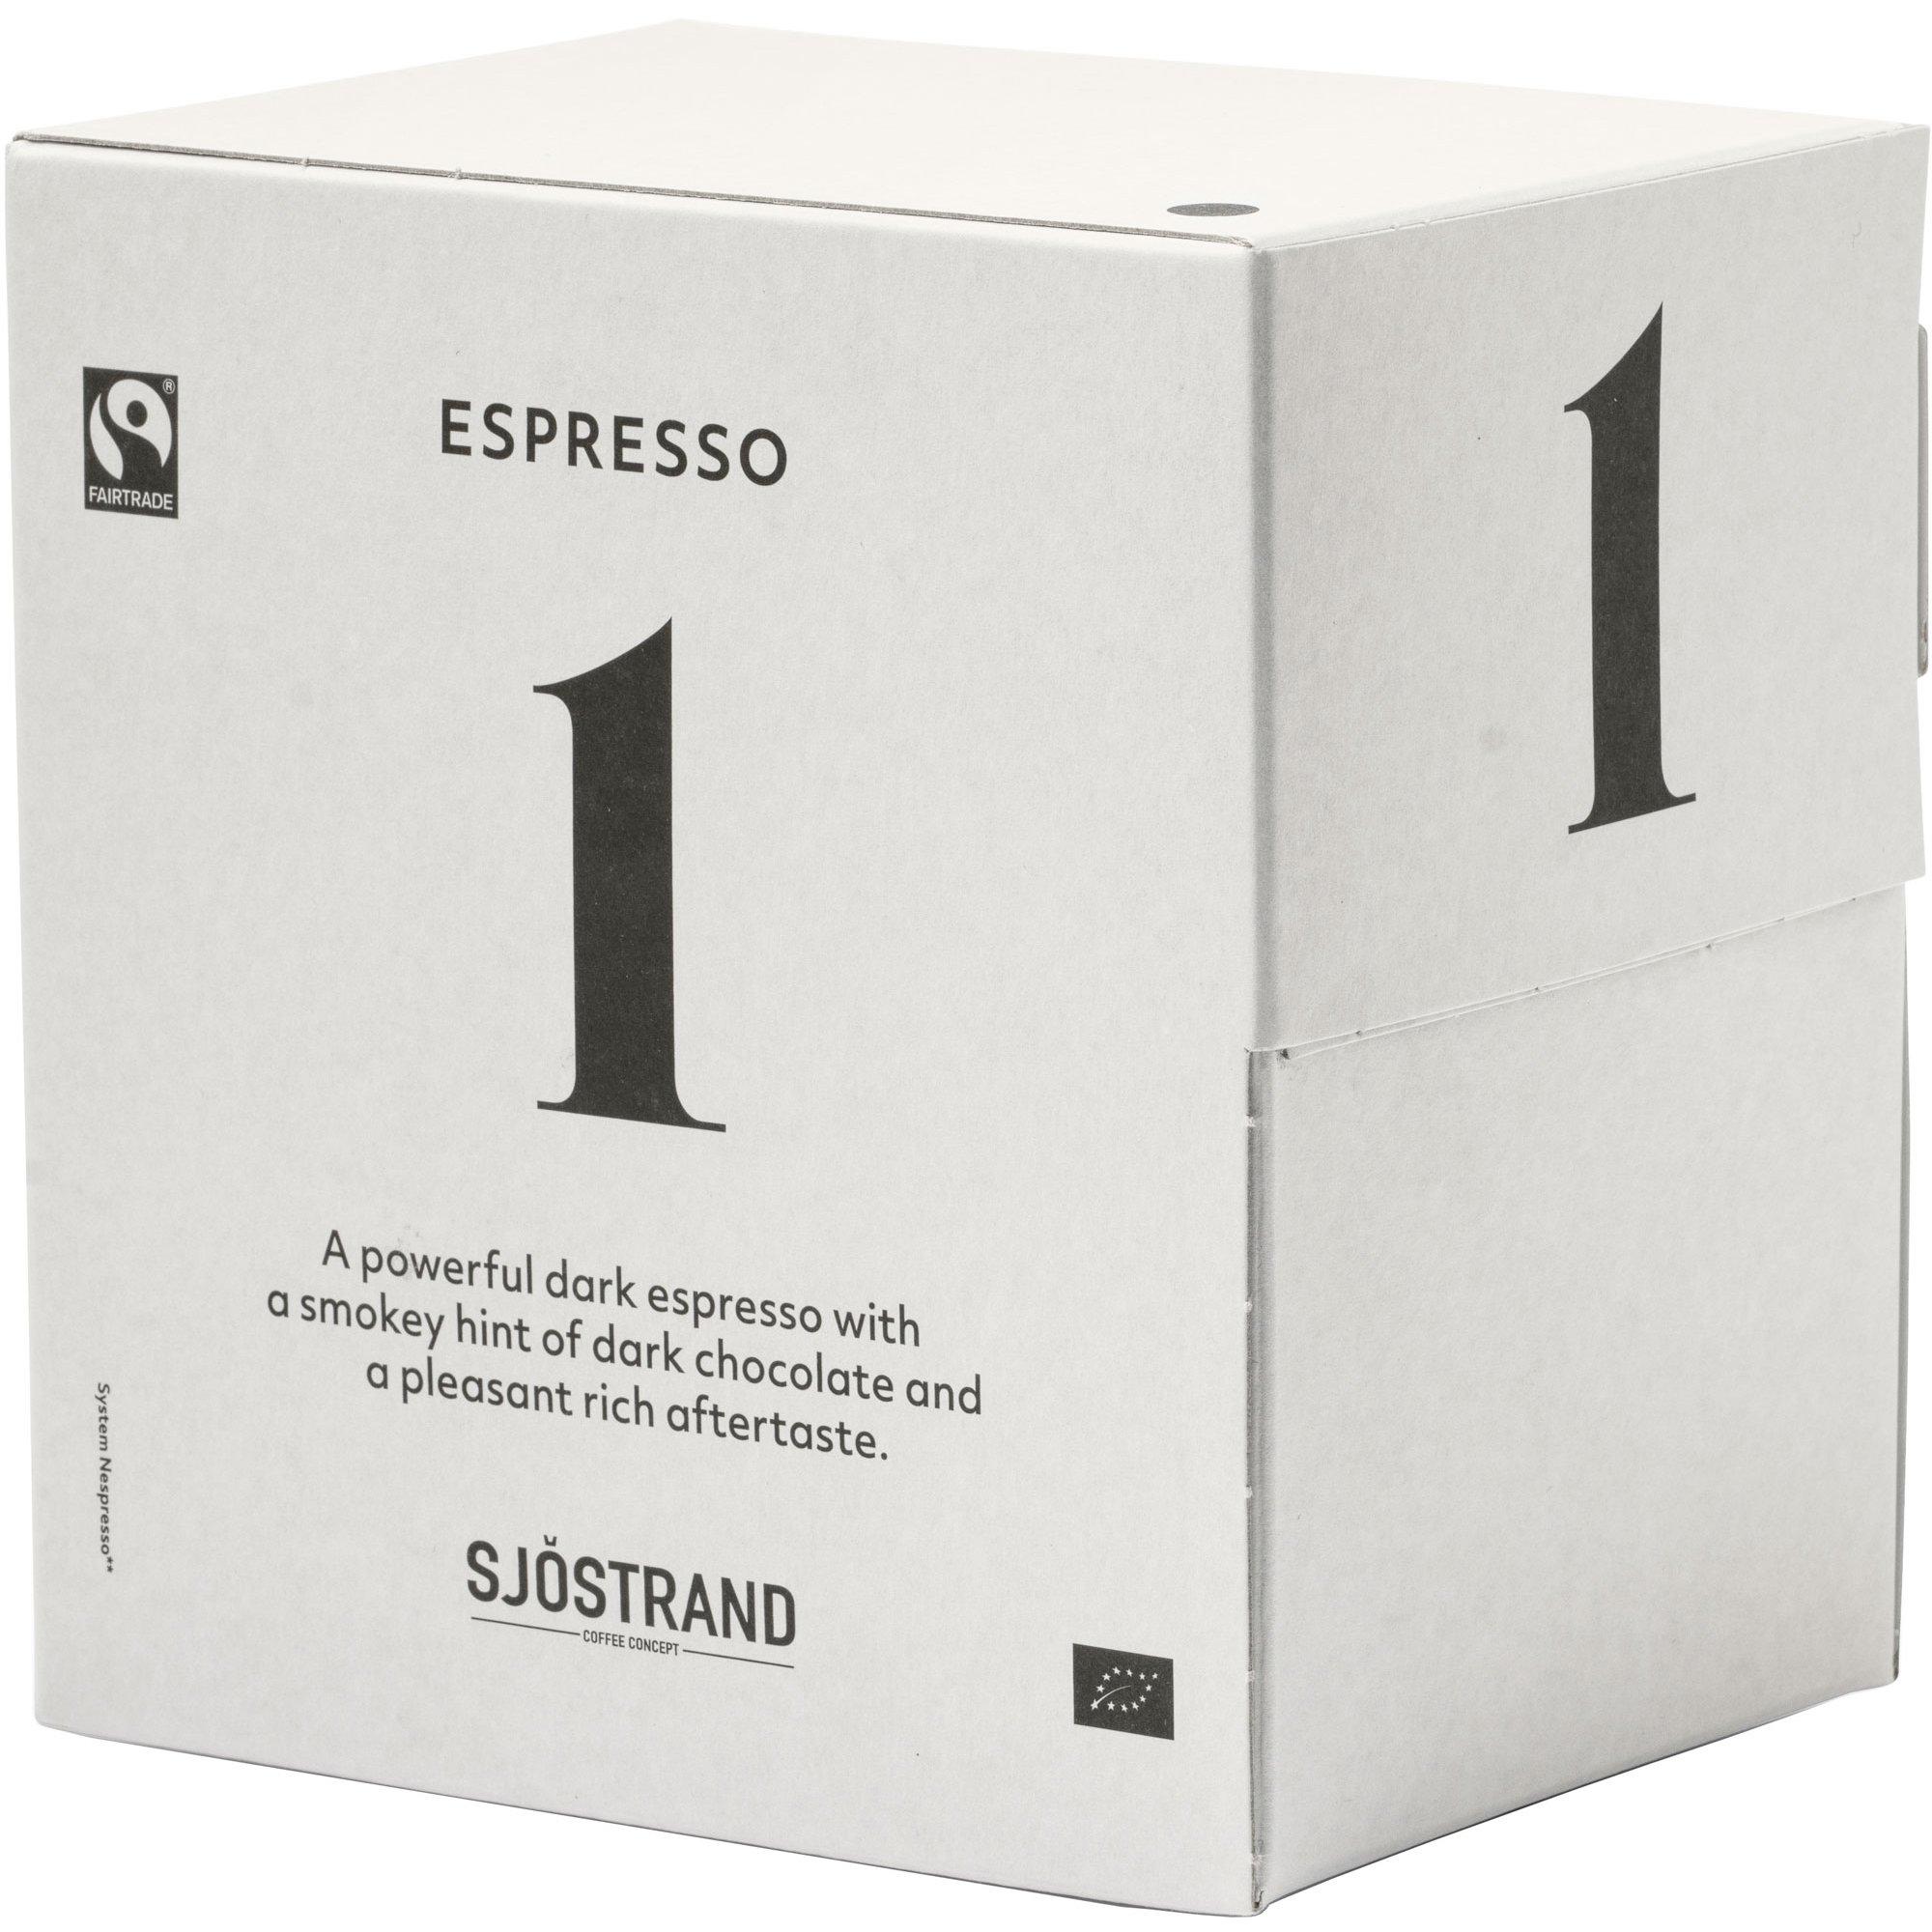 Sjöstrand Sjöstrand N°1 Espresso Kaplsar 100-pack